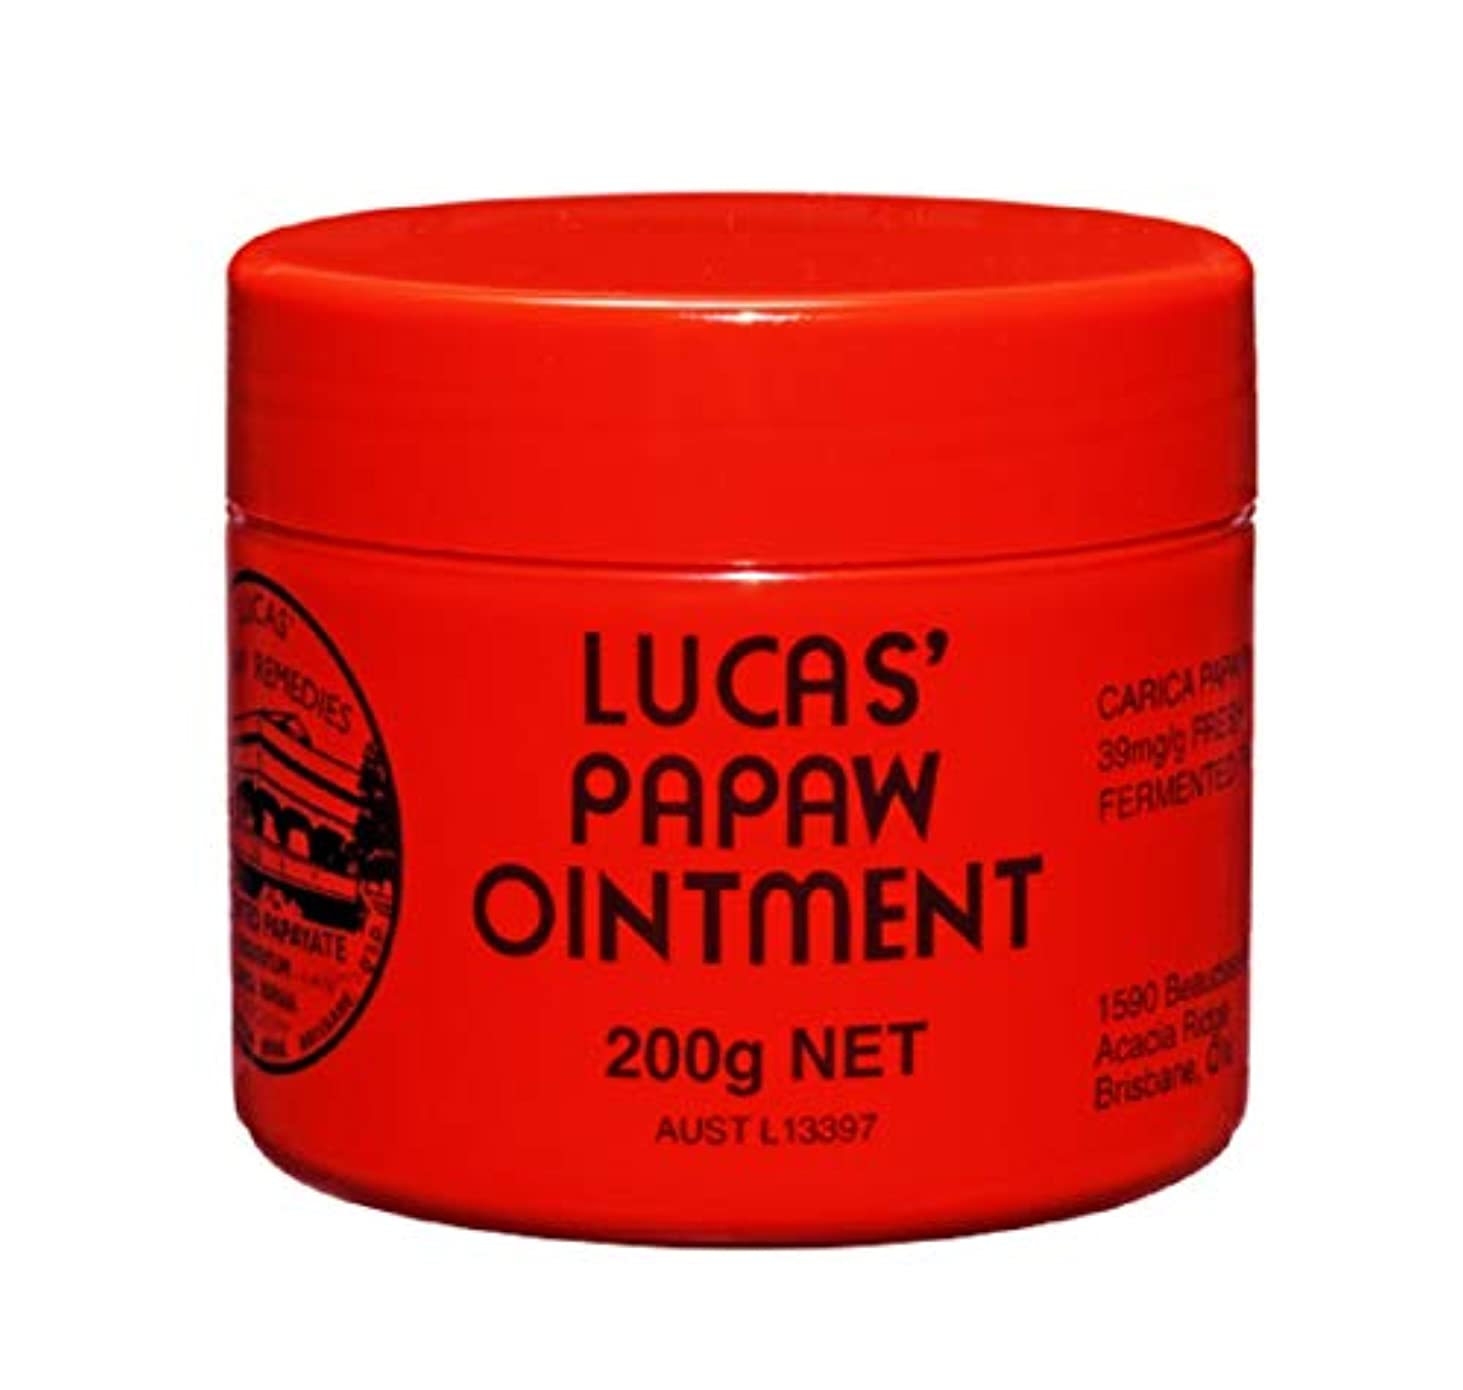 混合見かけ上ワイン[Lucas' Papaw Ointment] ルーカスポーポークリーム 200g